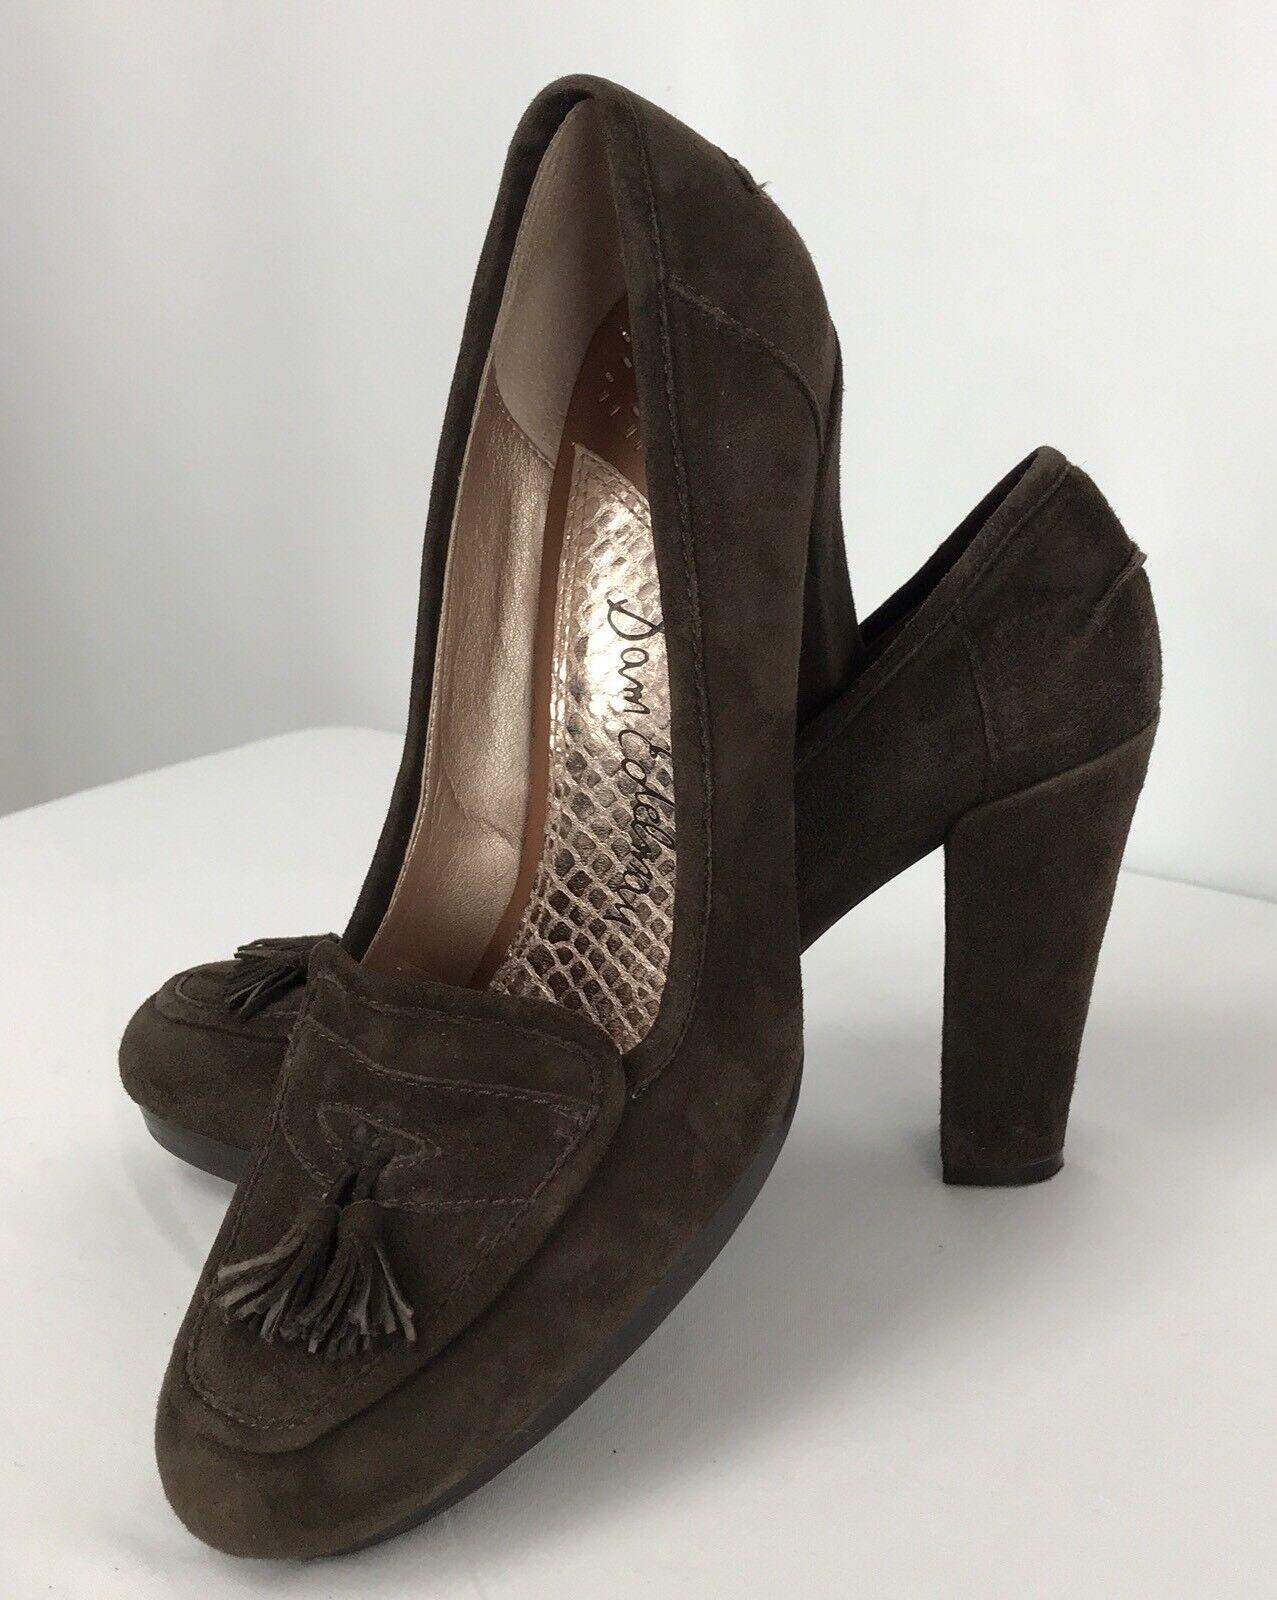 Sam Edelman Women's Size 9.5 M Brown Suede Print Heels Round Toe shoes Tassels